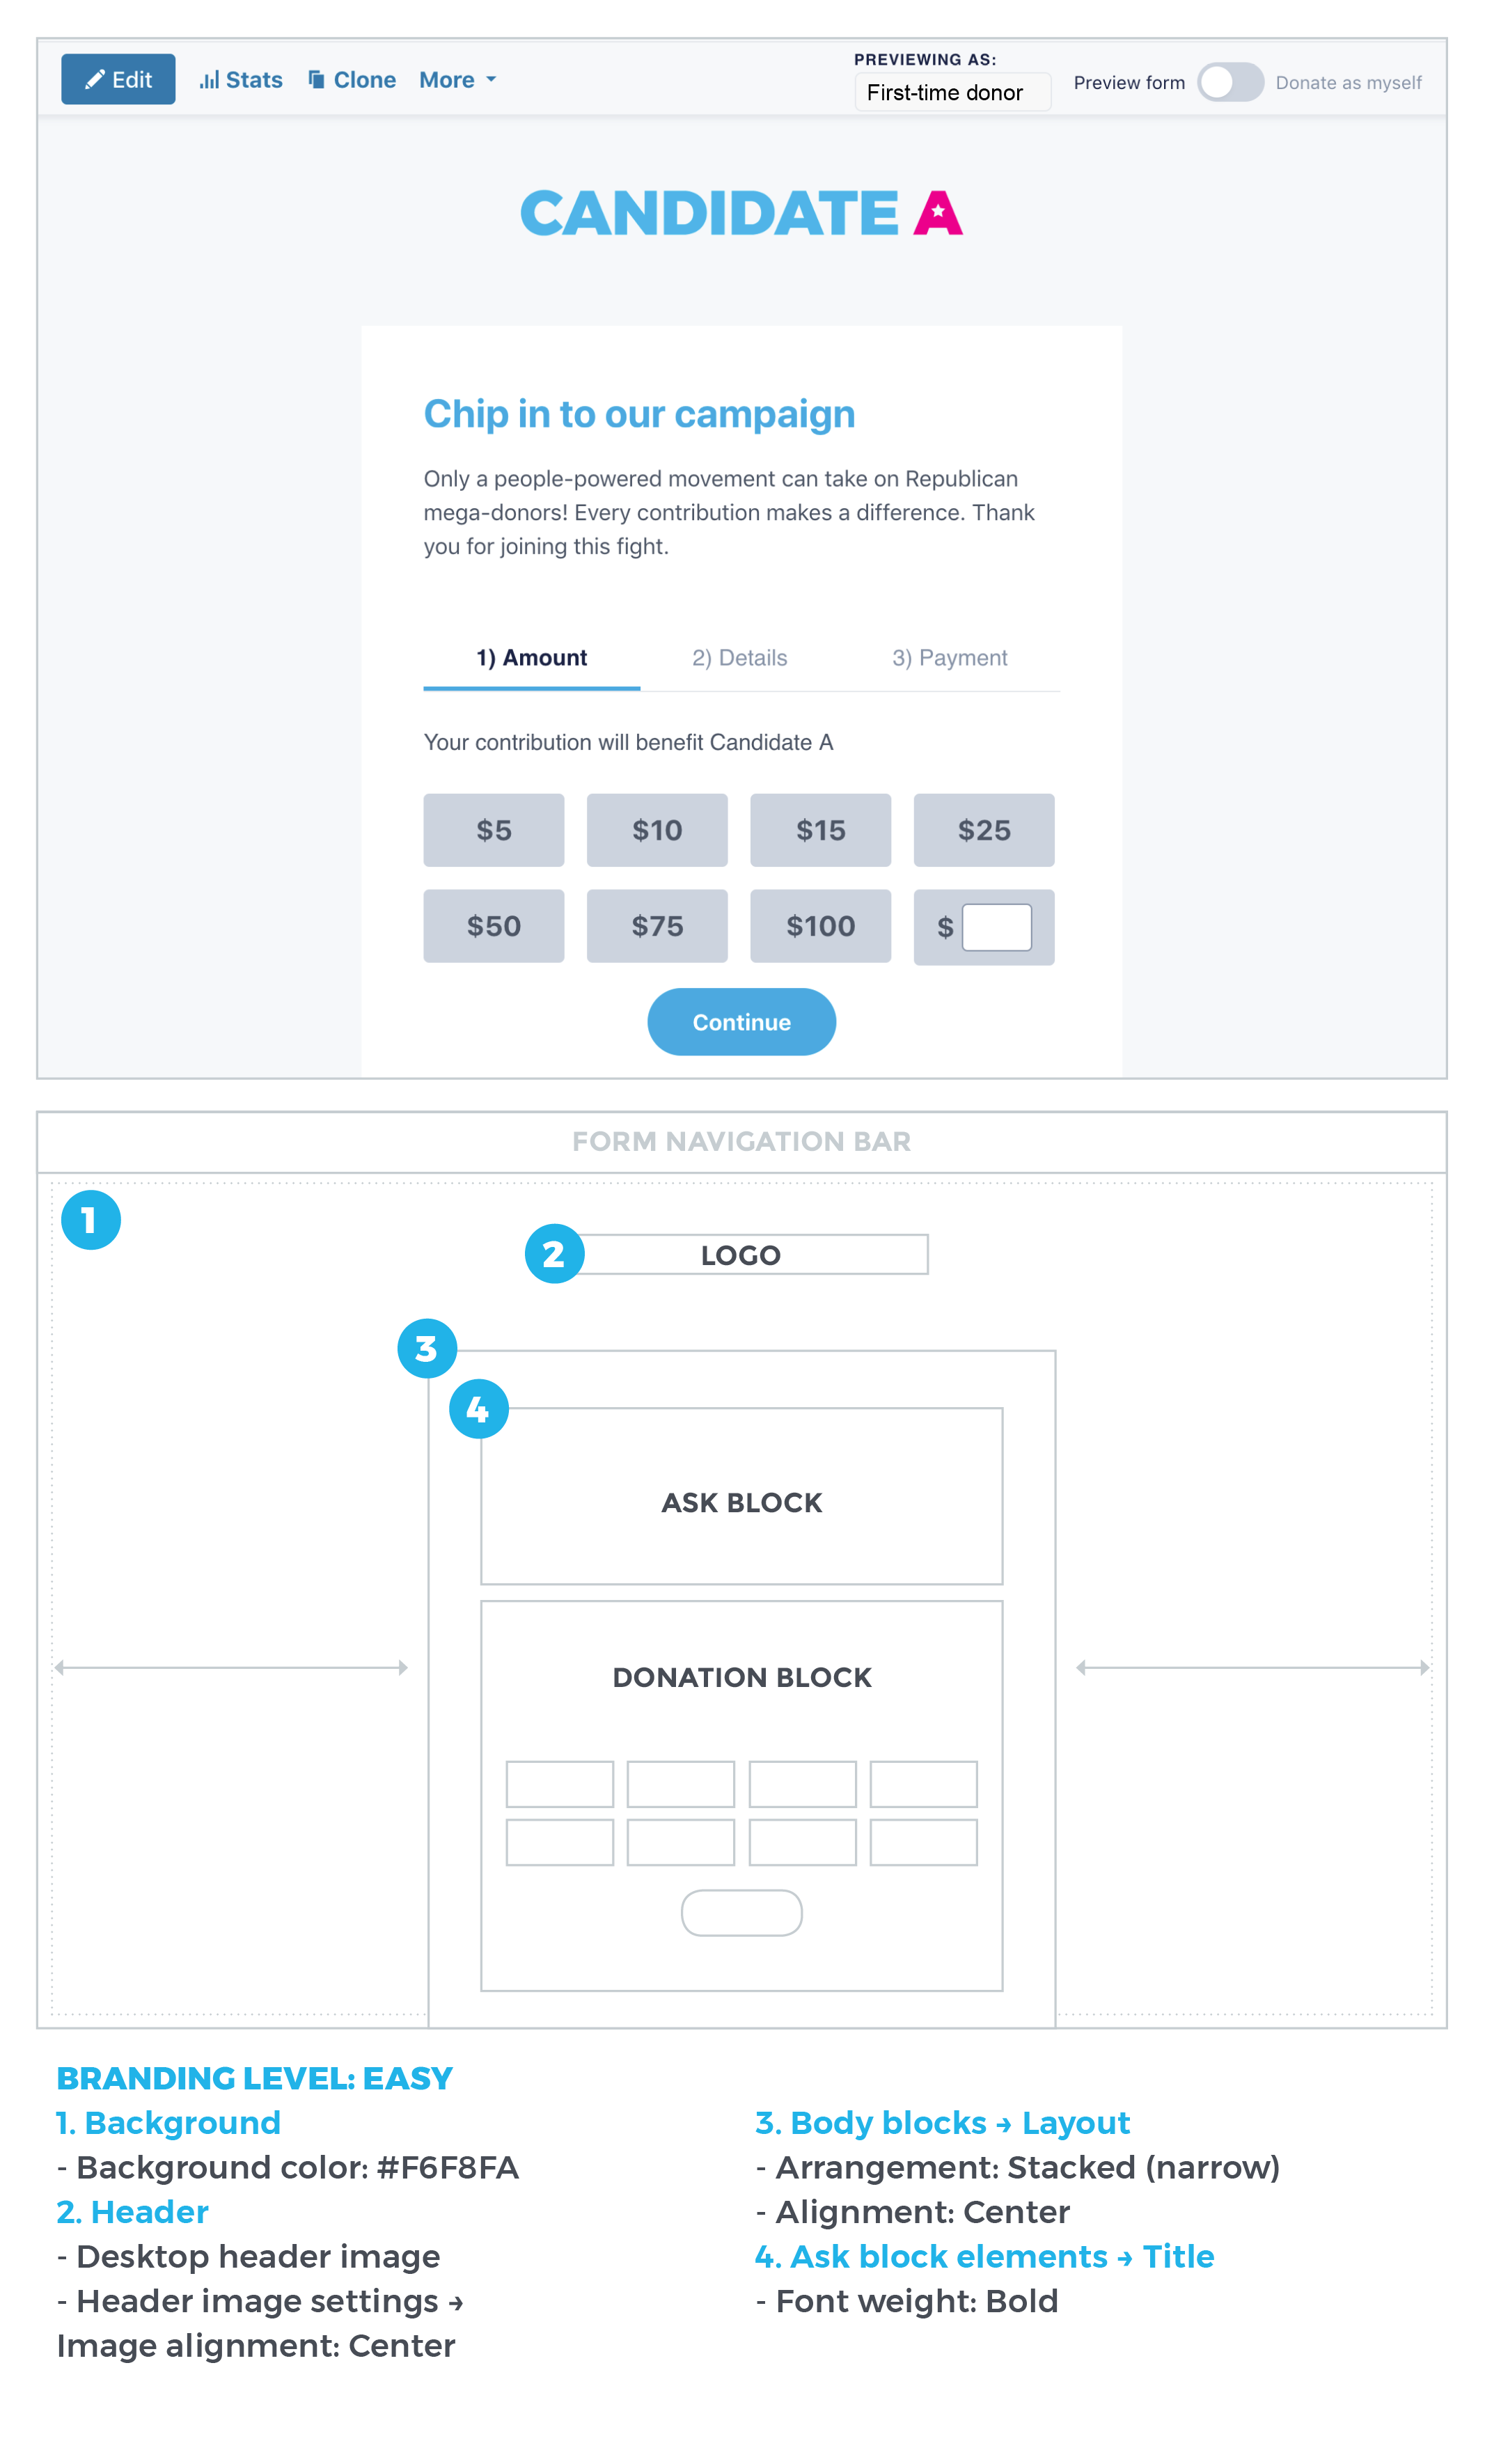 Branding Level: Easy image